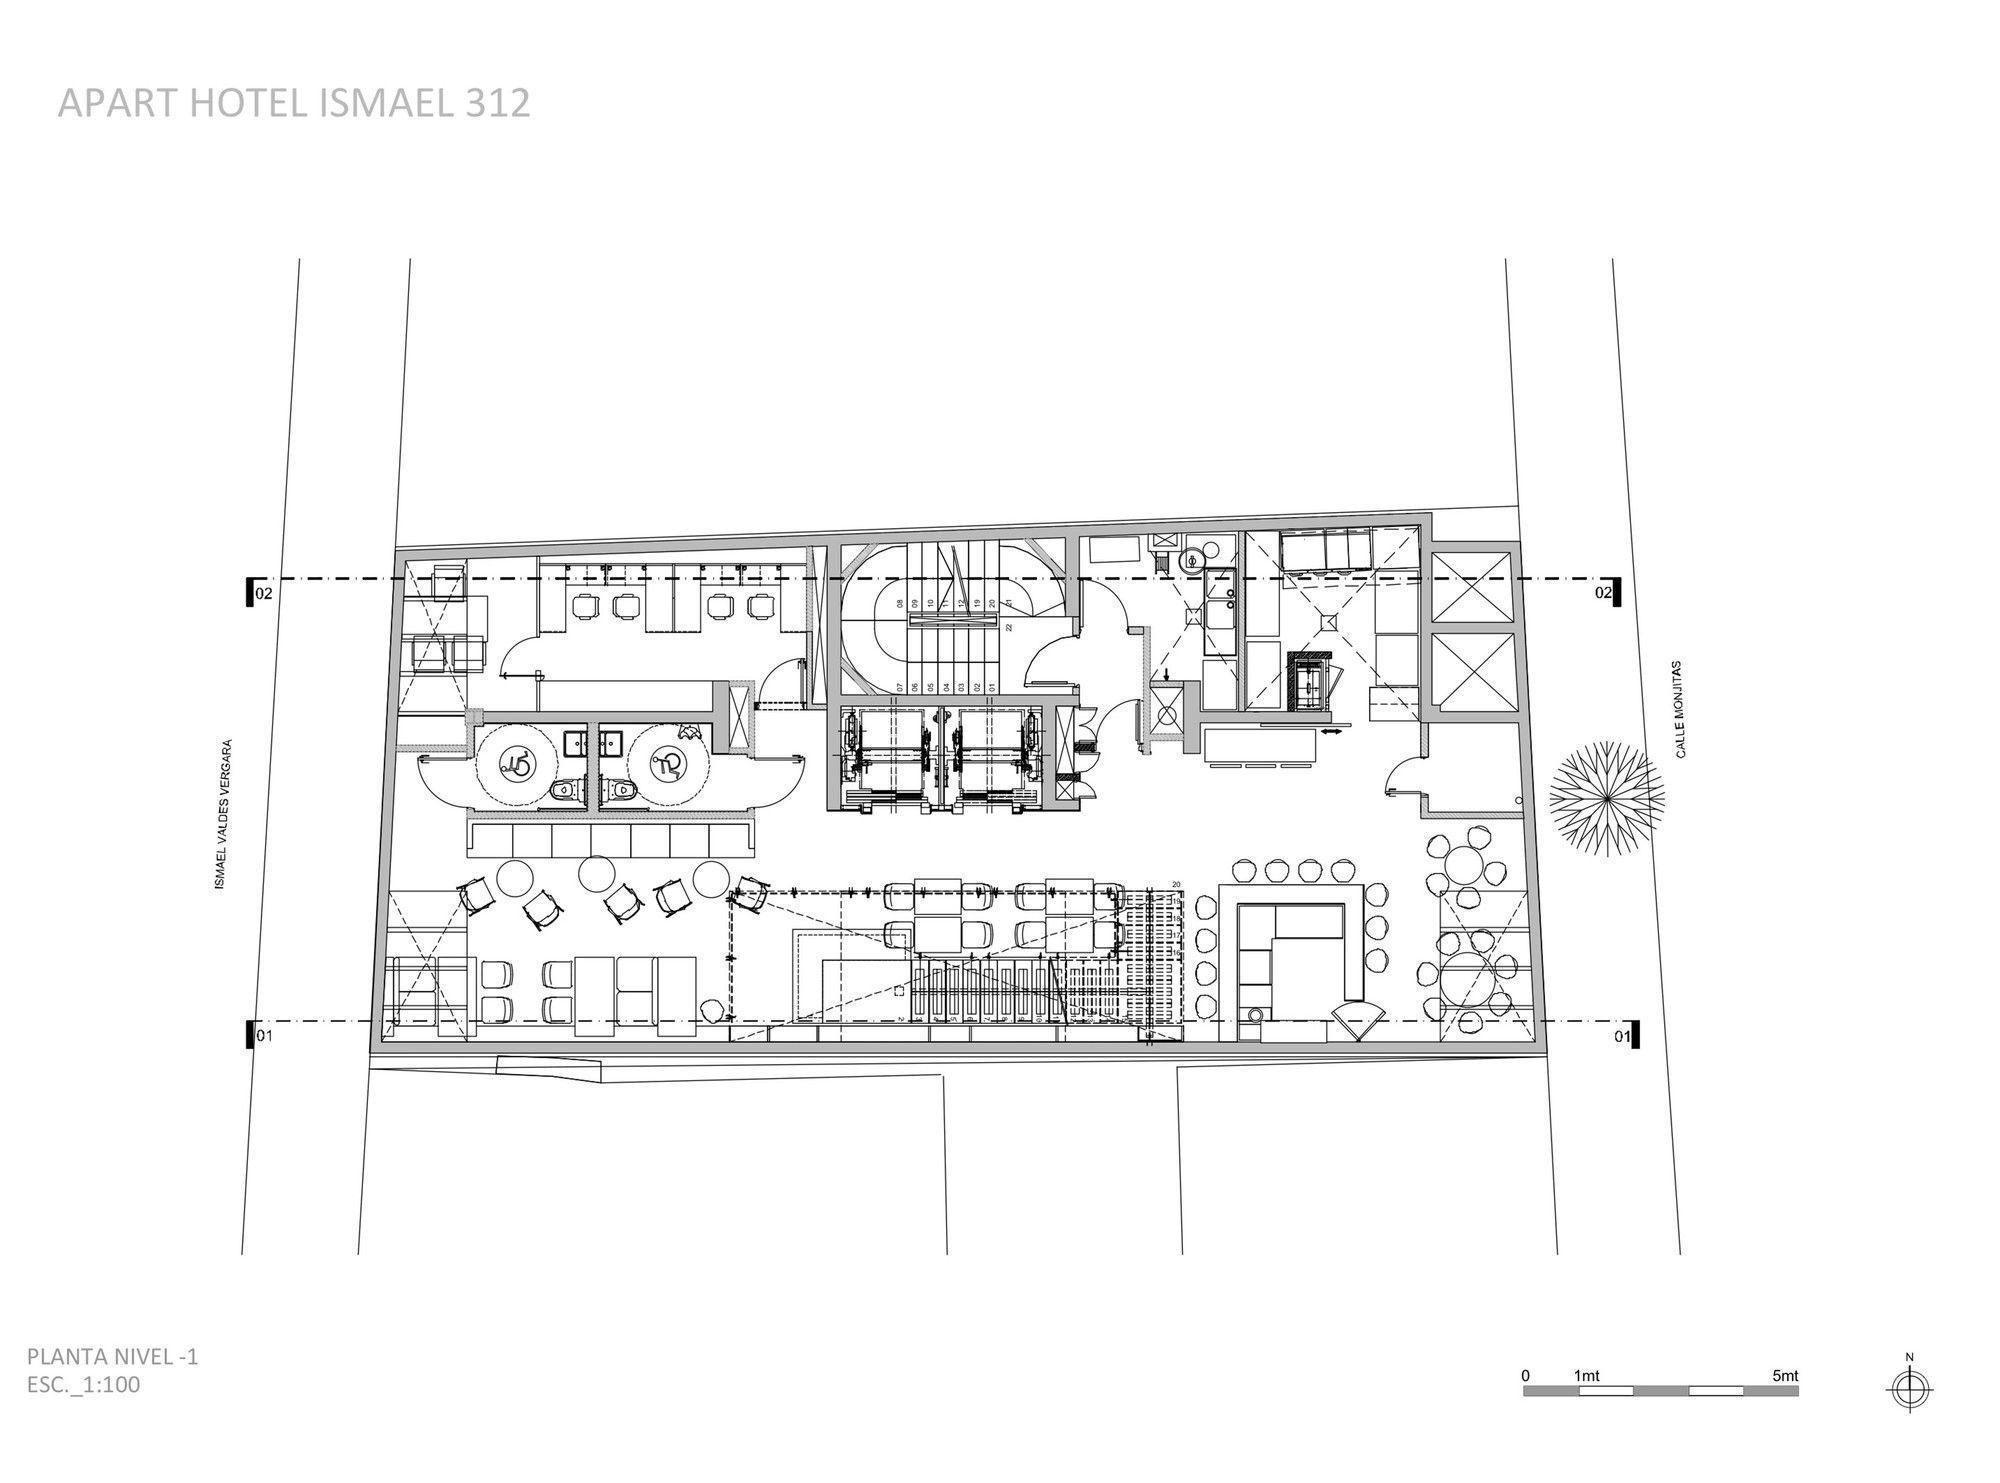 Gallery - Ismael 312 Apart Hotel / Estudio Larrain - 14